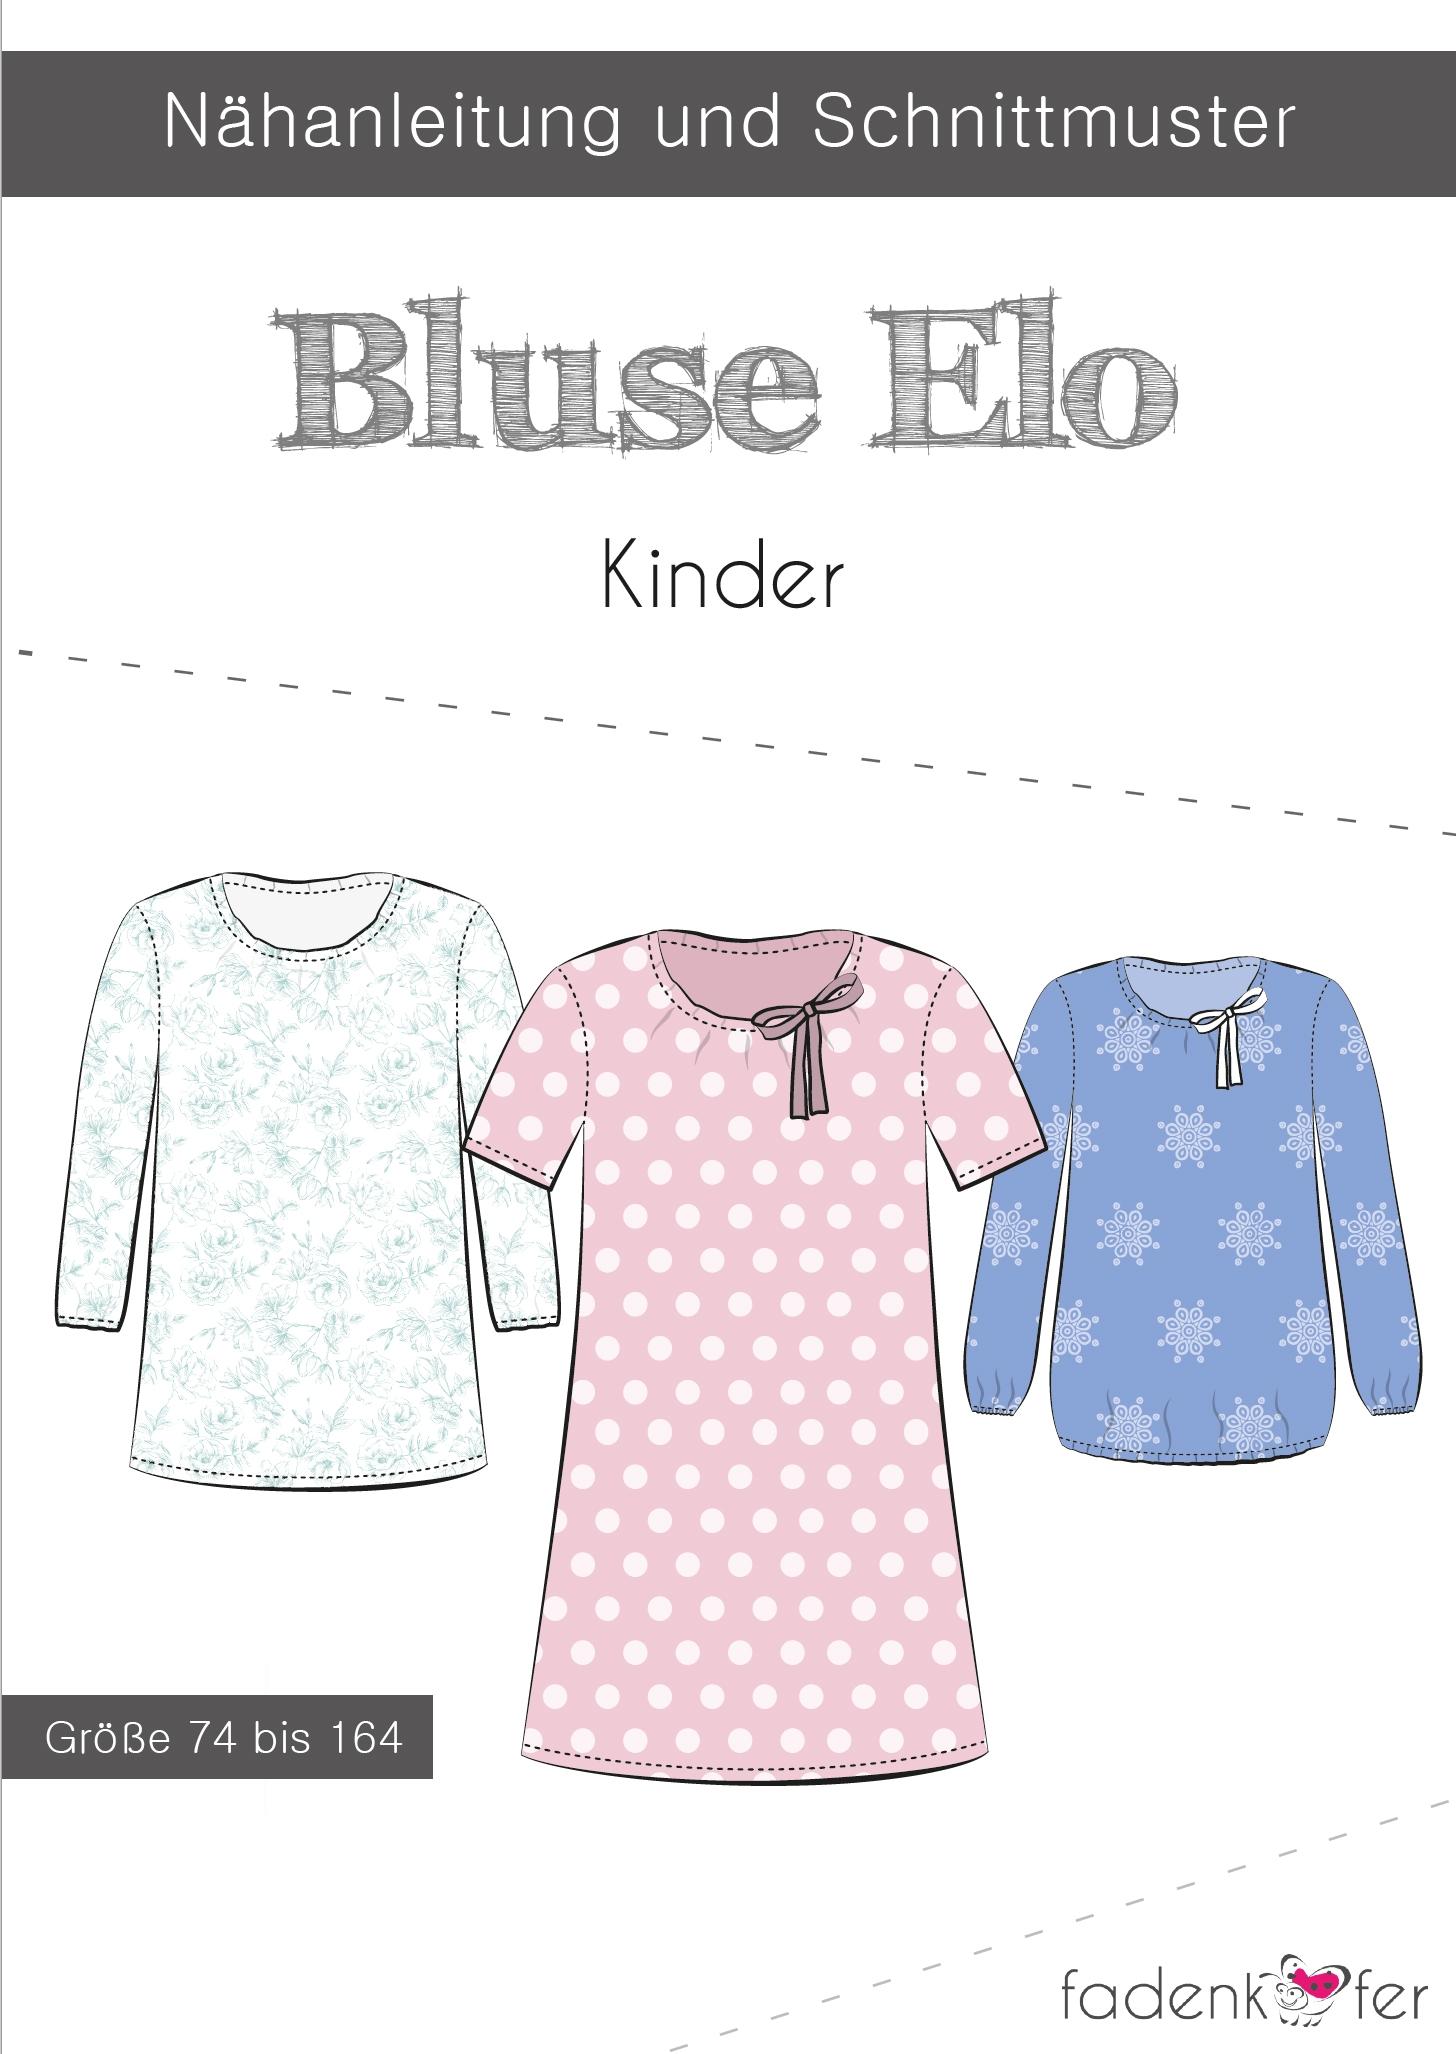 Papierschnittmuster Bluse Elo für Kinder 74-164 von Fadenkäfer